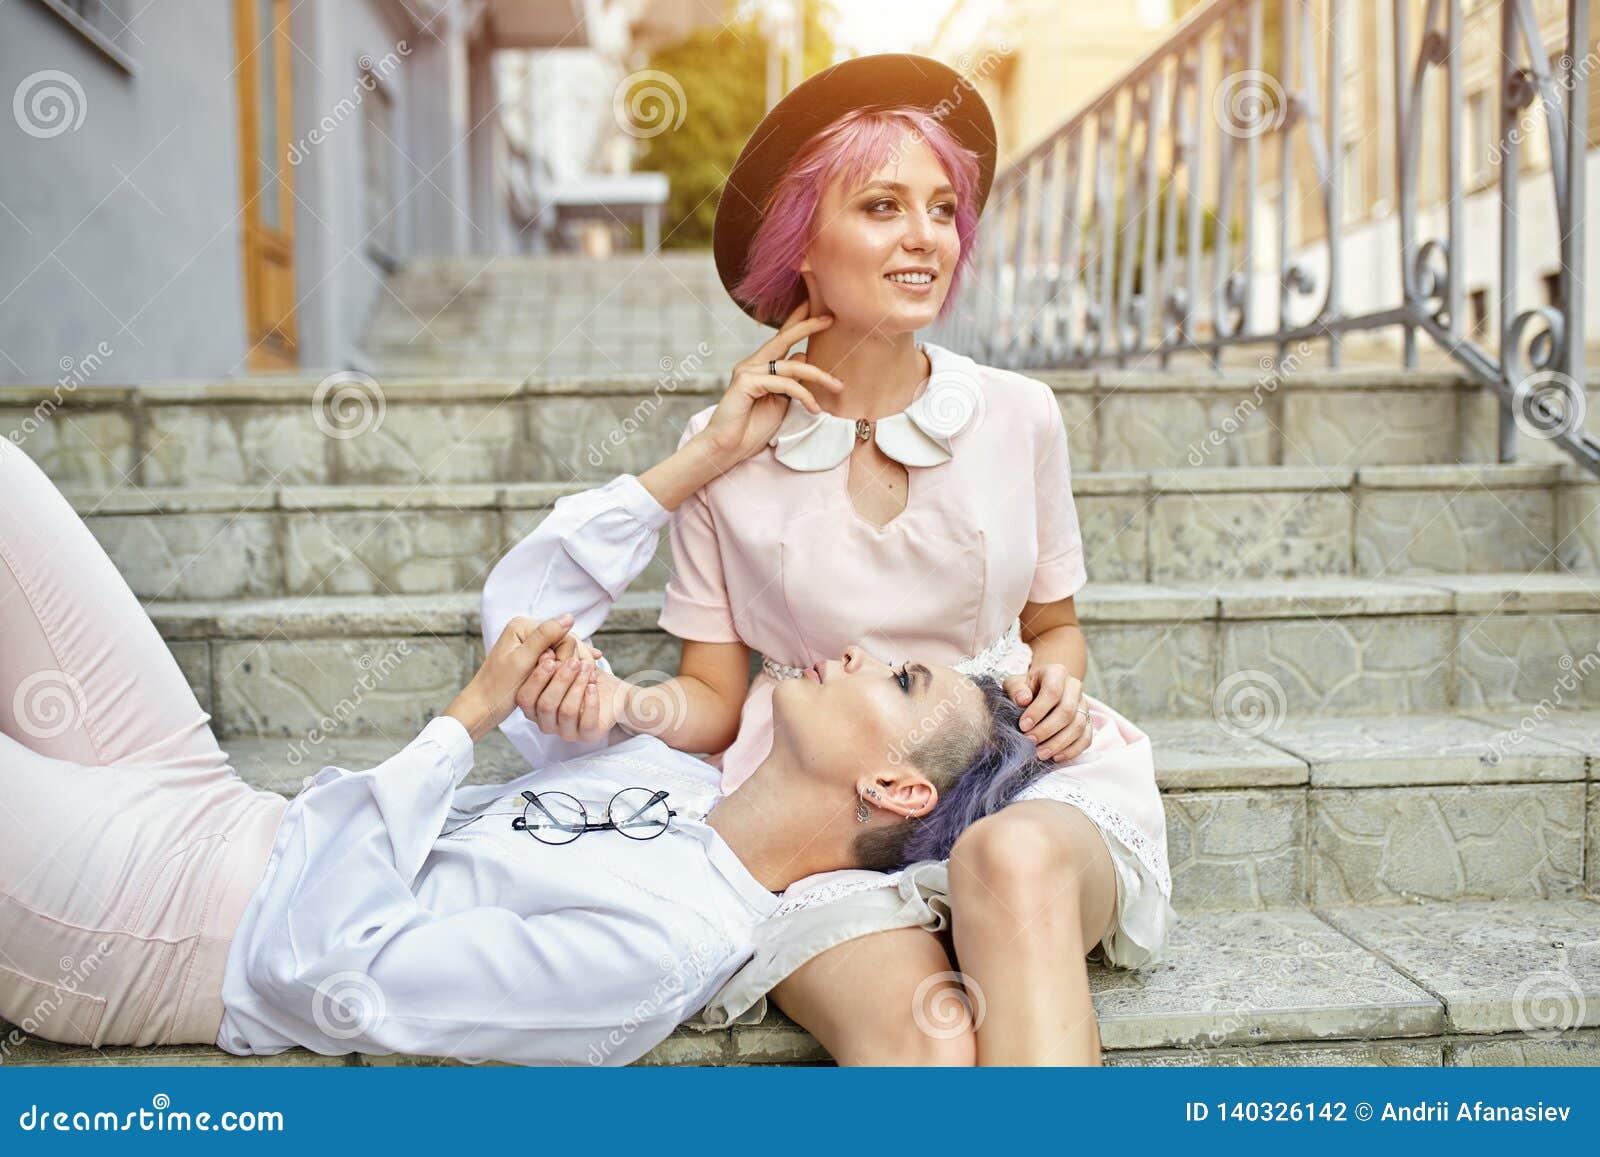 Abrazo lesbiano hermoso de los pares Amor y pasión entre las dos muchachas